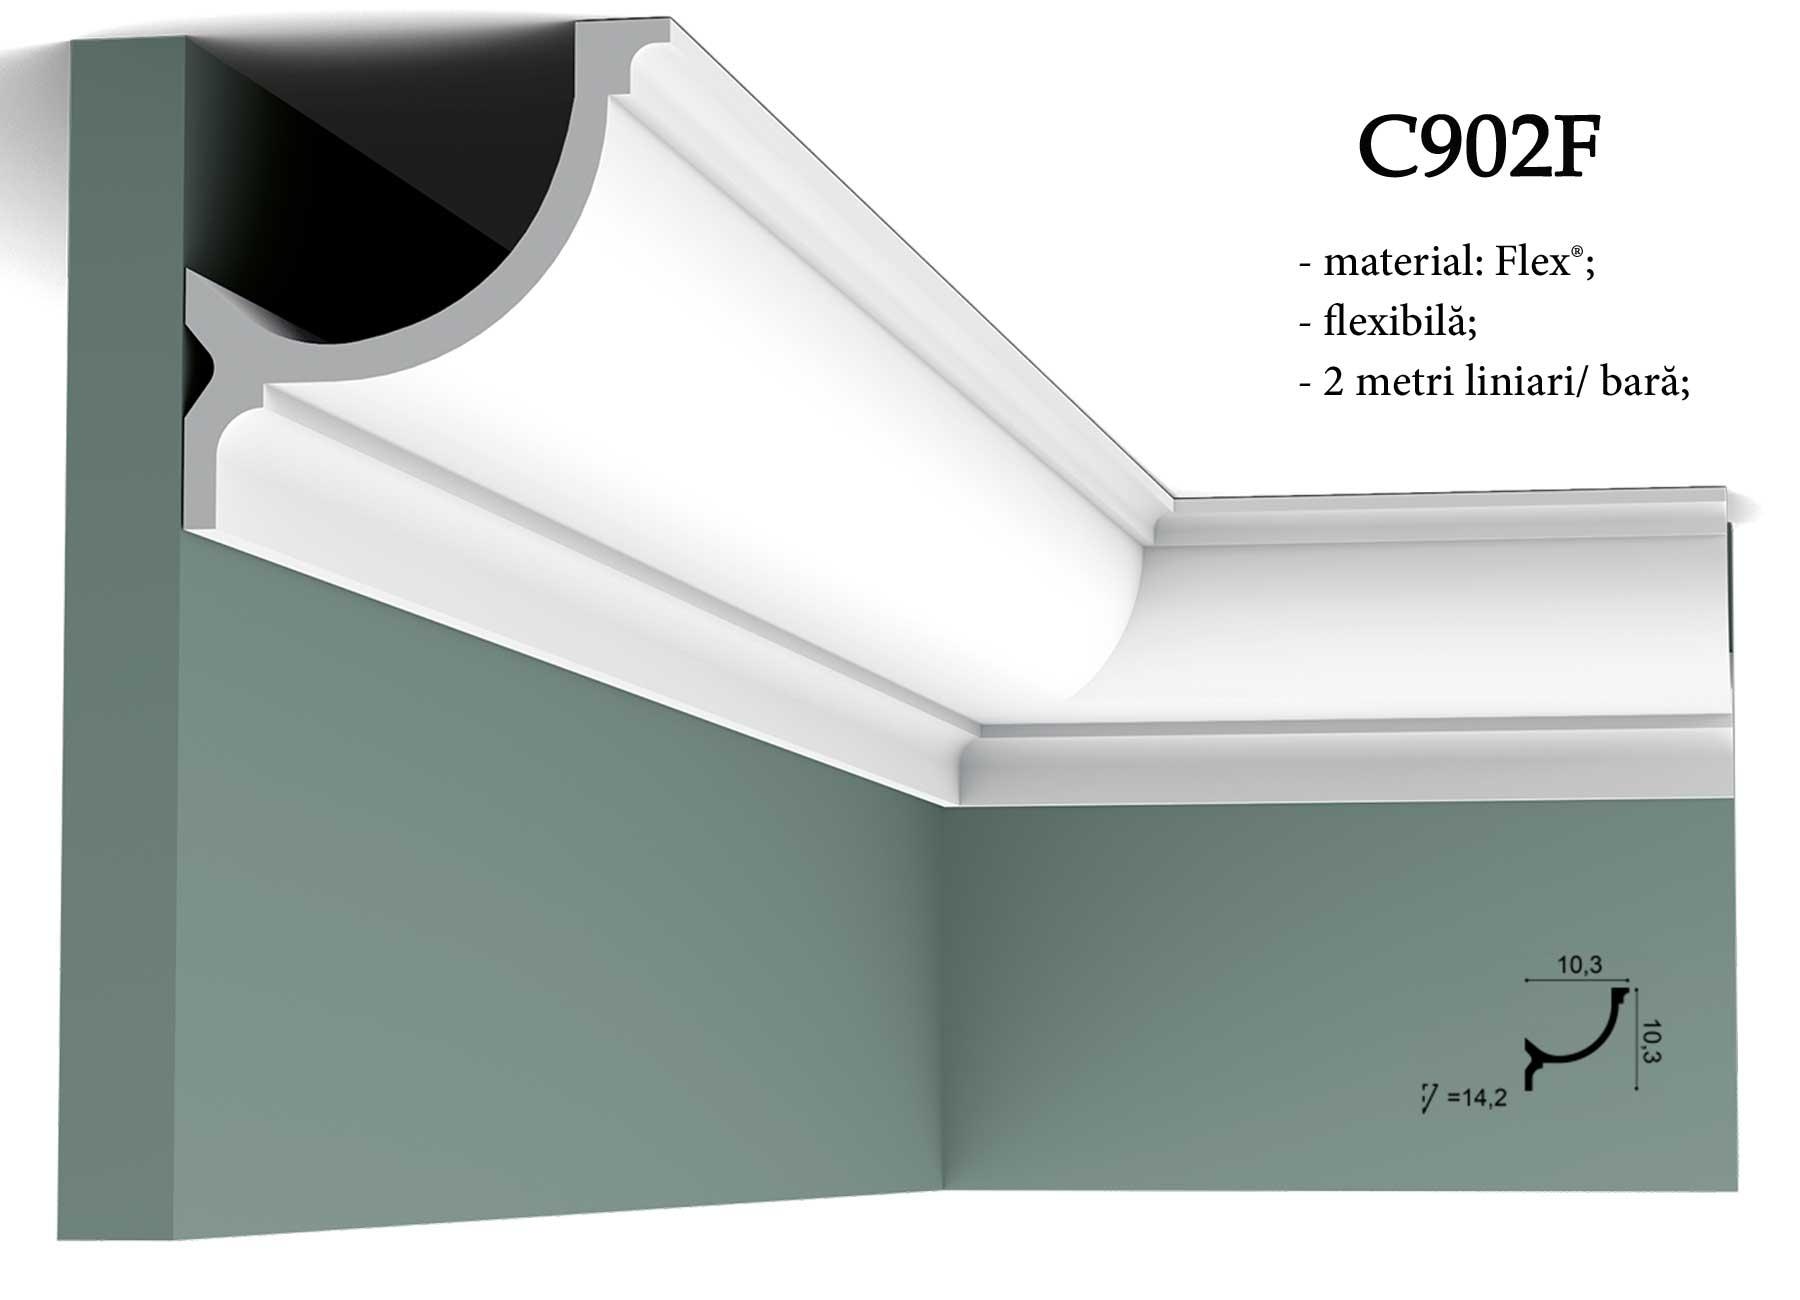 C902 profil decorativ pentru tavan Orac Decor.